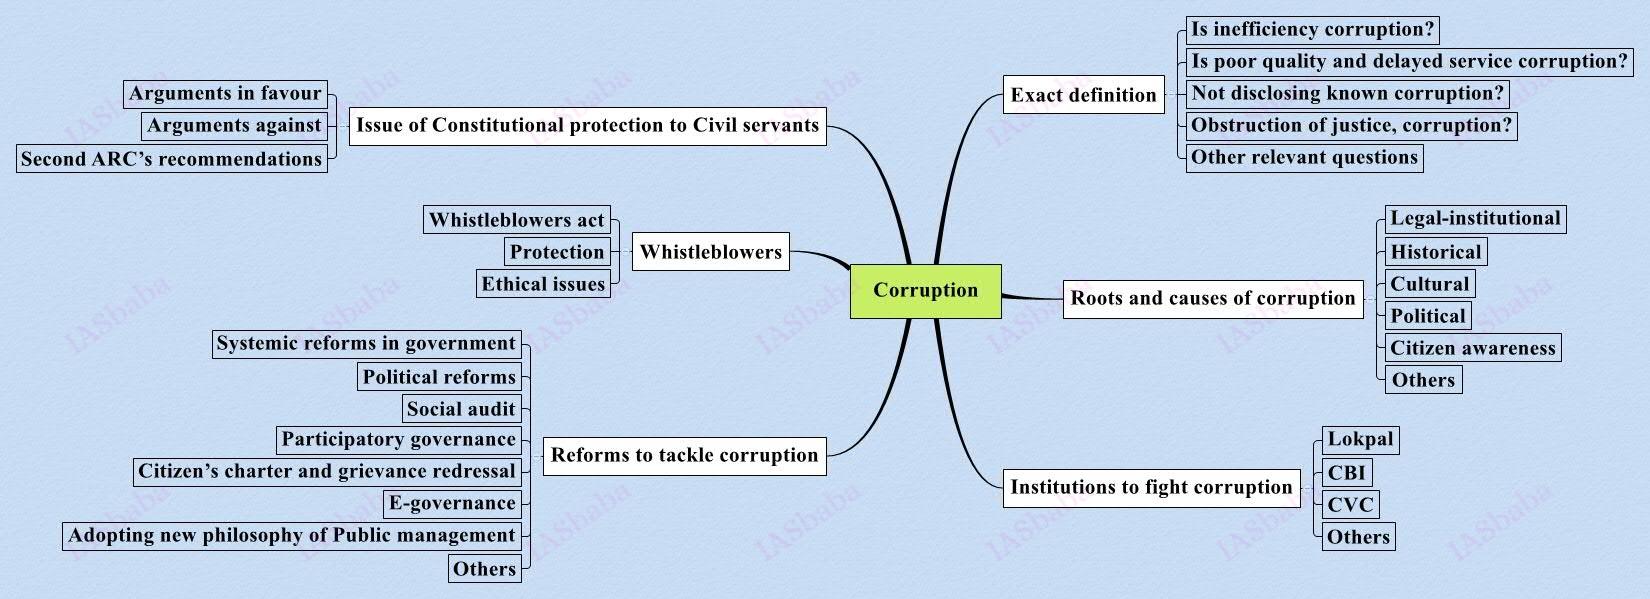 bribery ethics essay